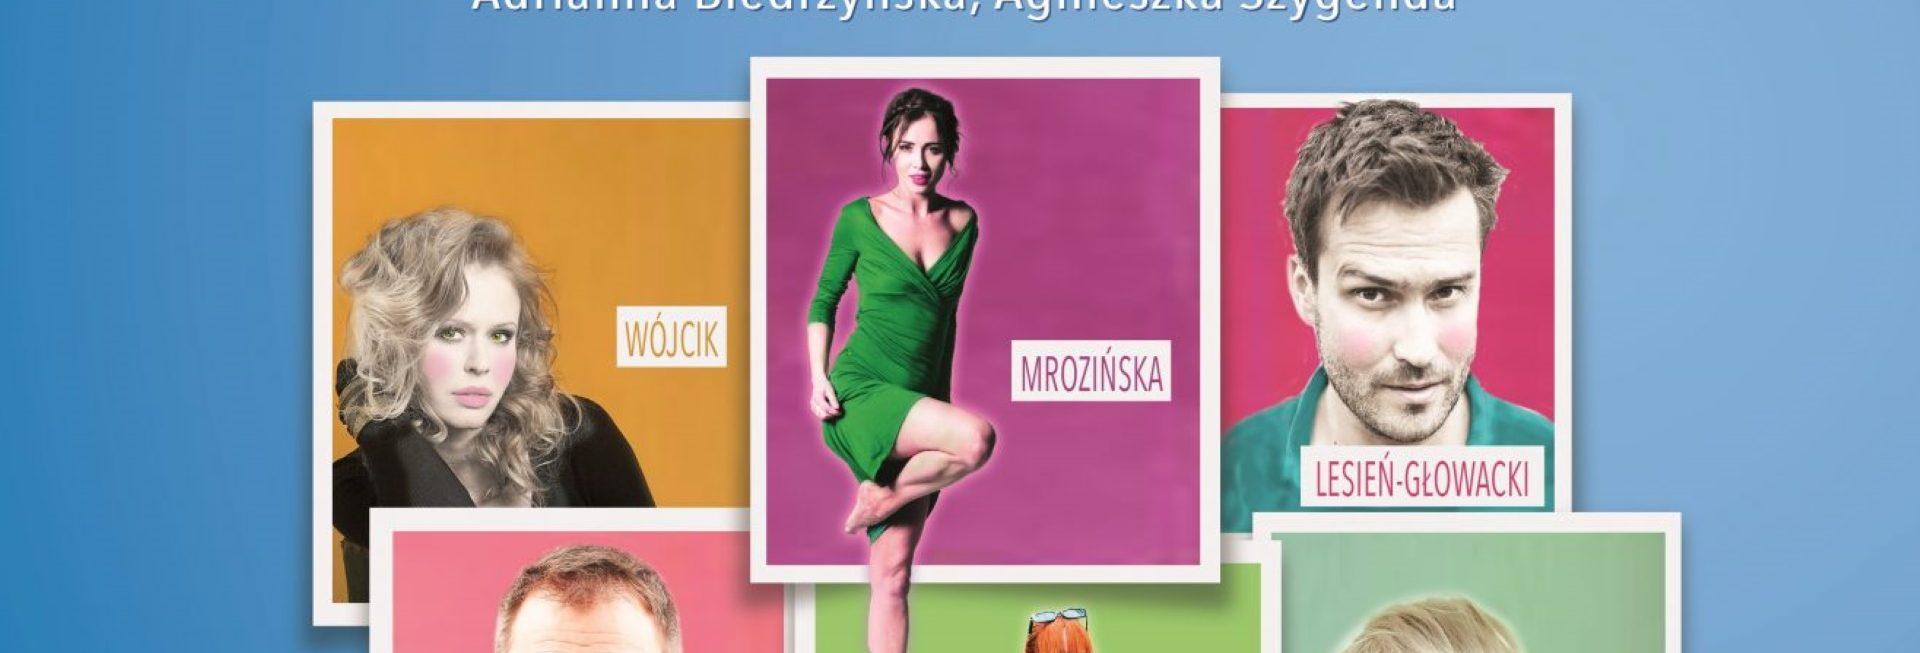 """Plakat graficzny zapraszający na komedię romantyczną """"Miłosna pułapka"""" 2021. Na plakacie zdjęcia aktorów występujących w spektaklu."""